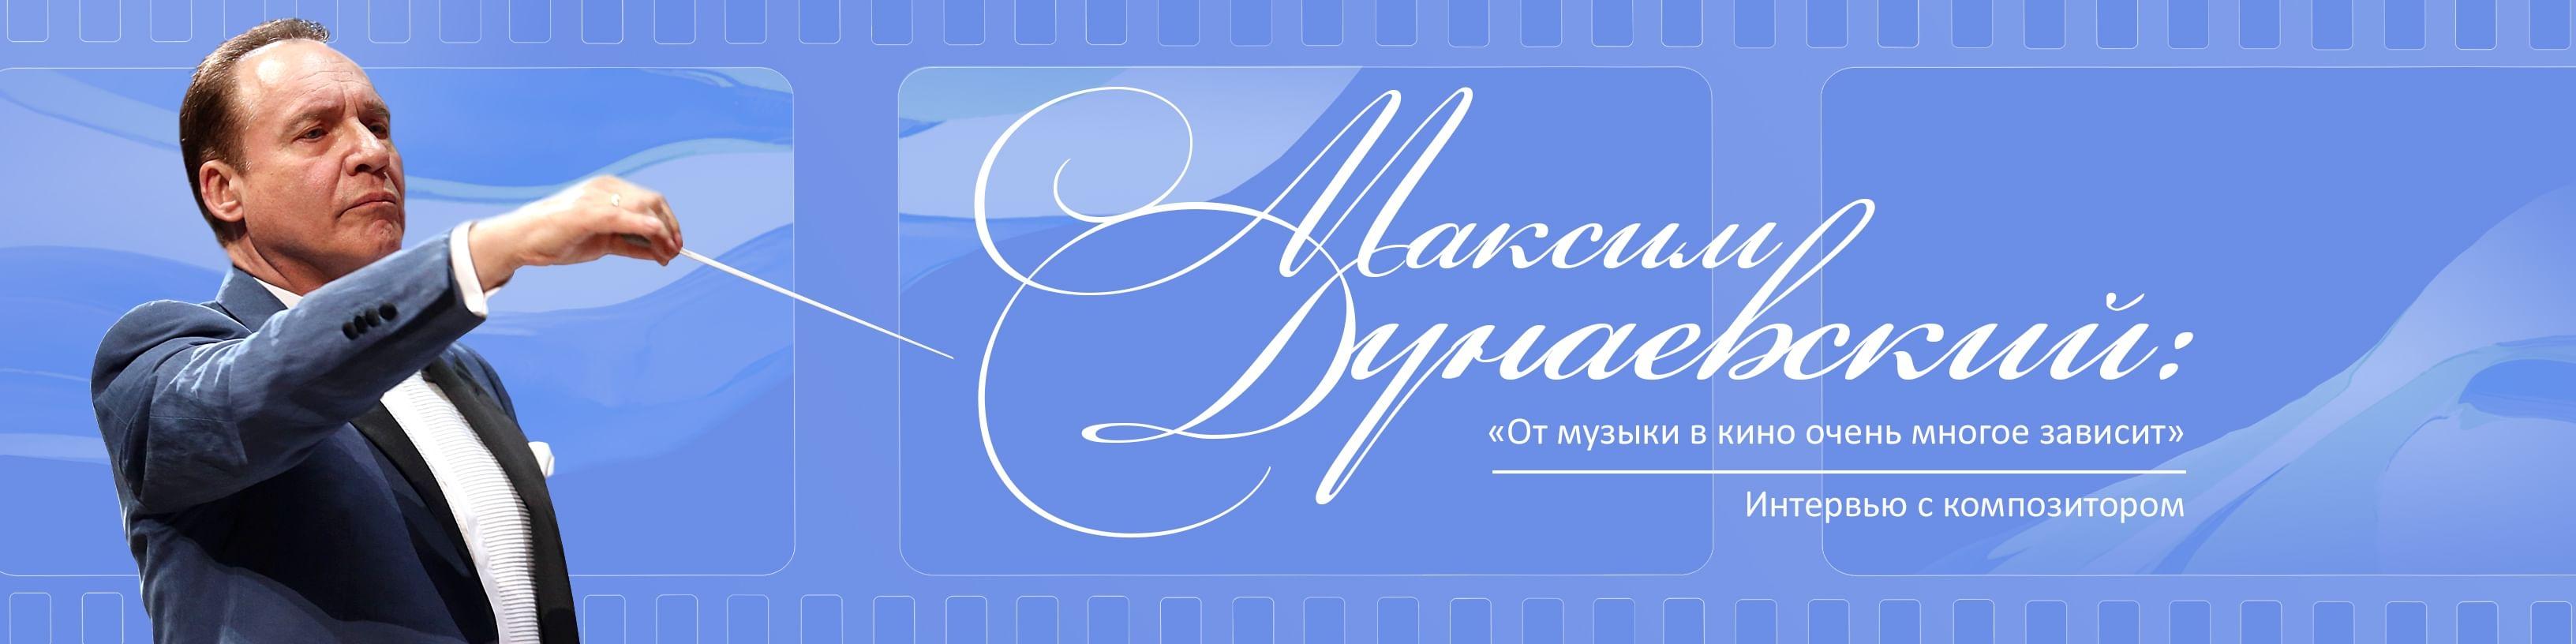 Максим Дунаевский: «От музыки в кино очень многое зависит»